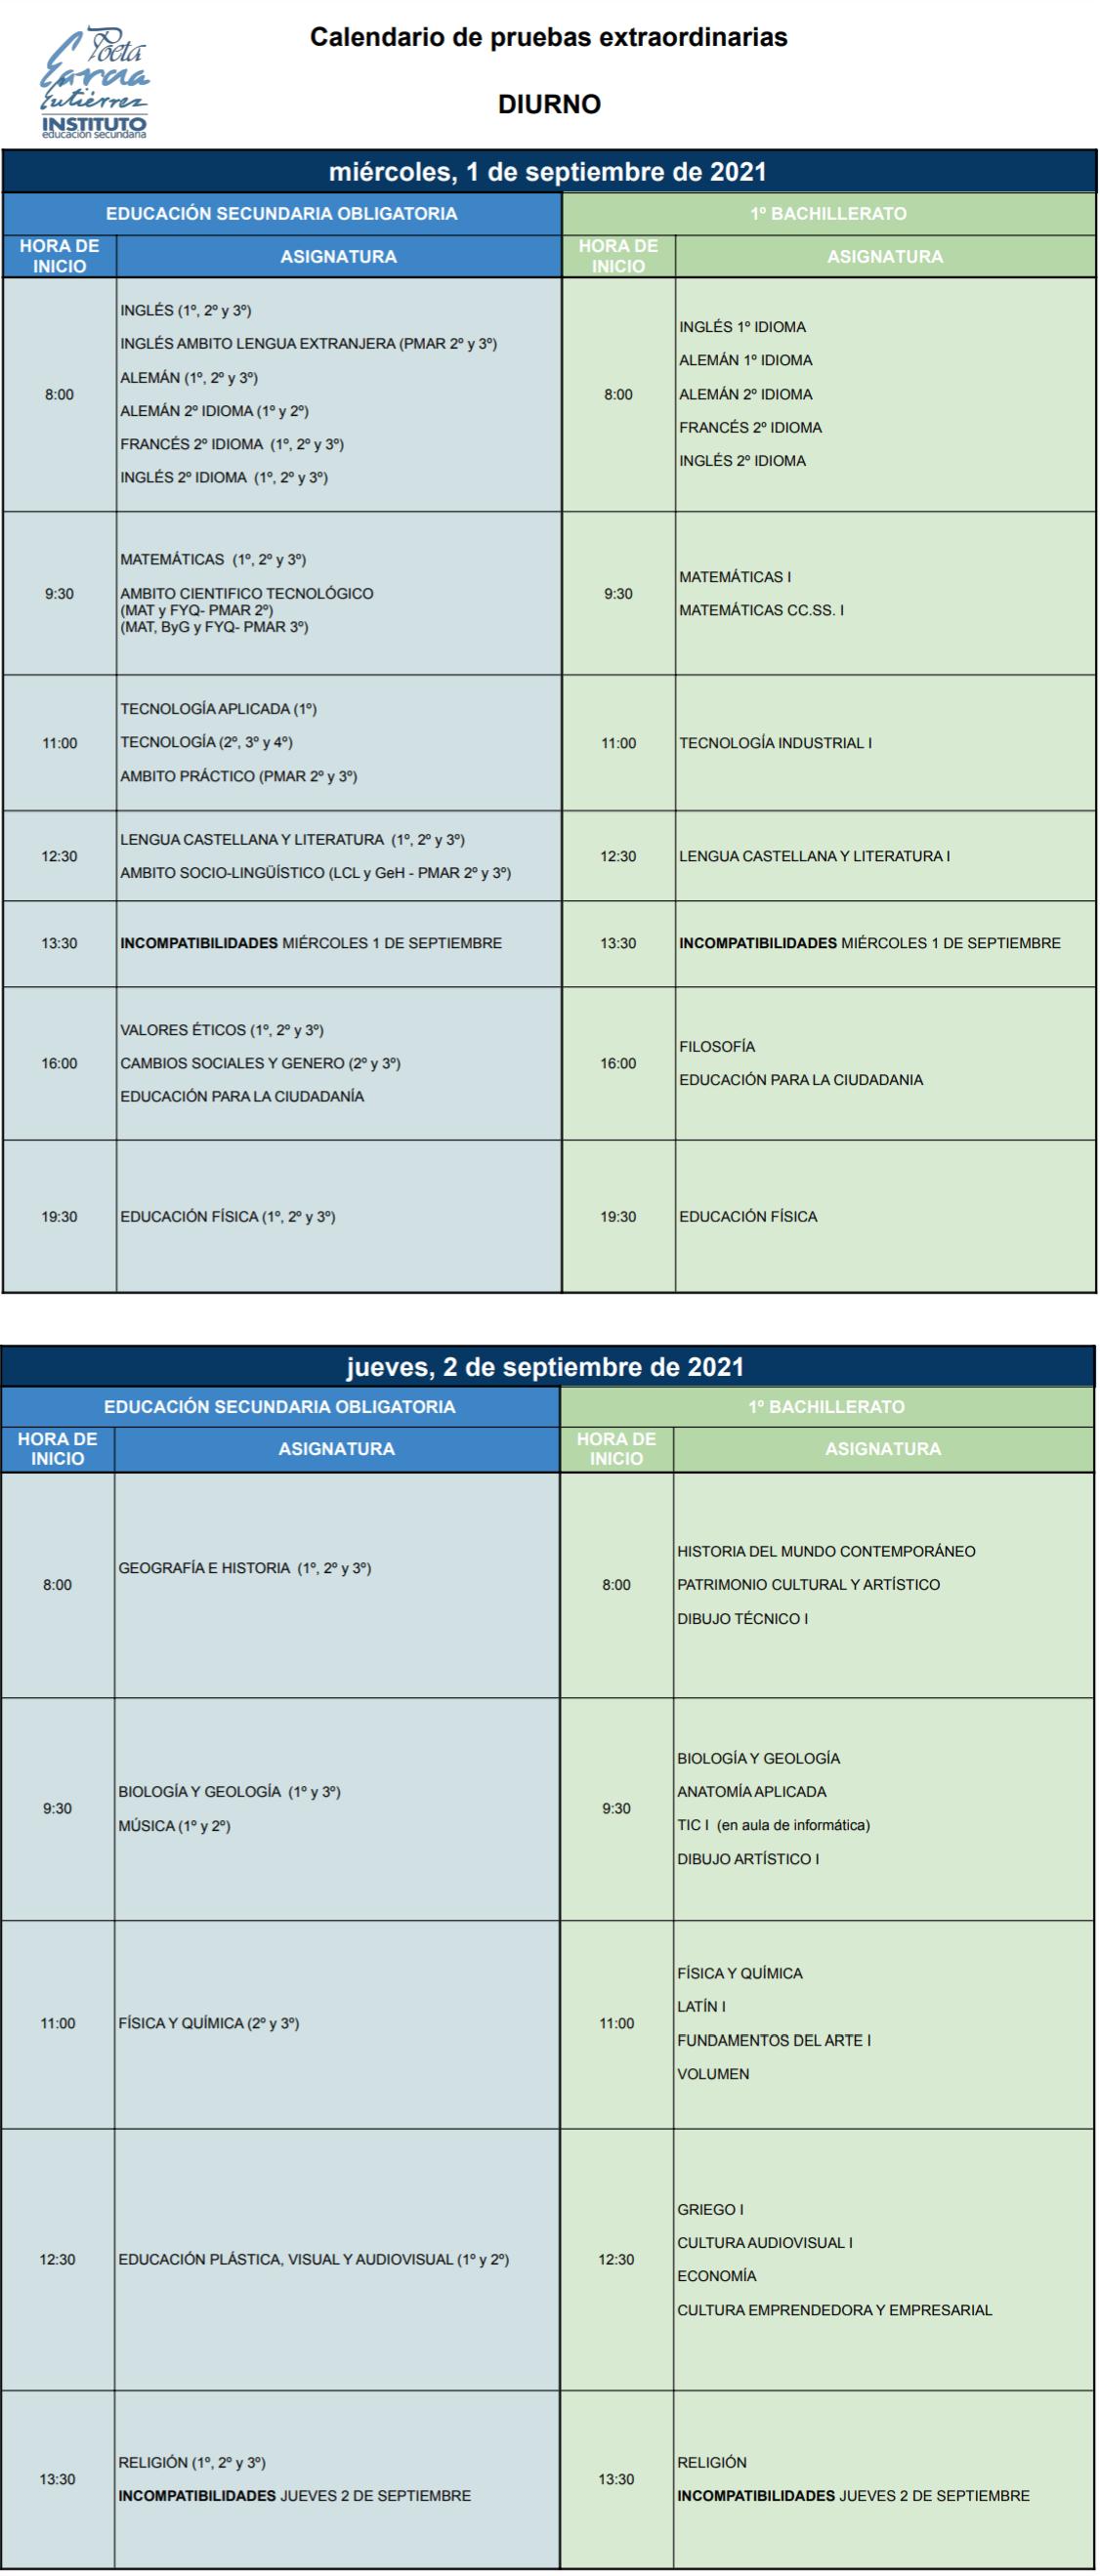 Imagen de la noticia: Calendario para las pruebas extraordinarias de septiembre 2020-2021. [Diurno]